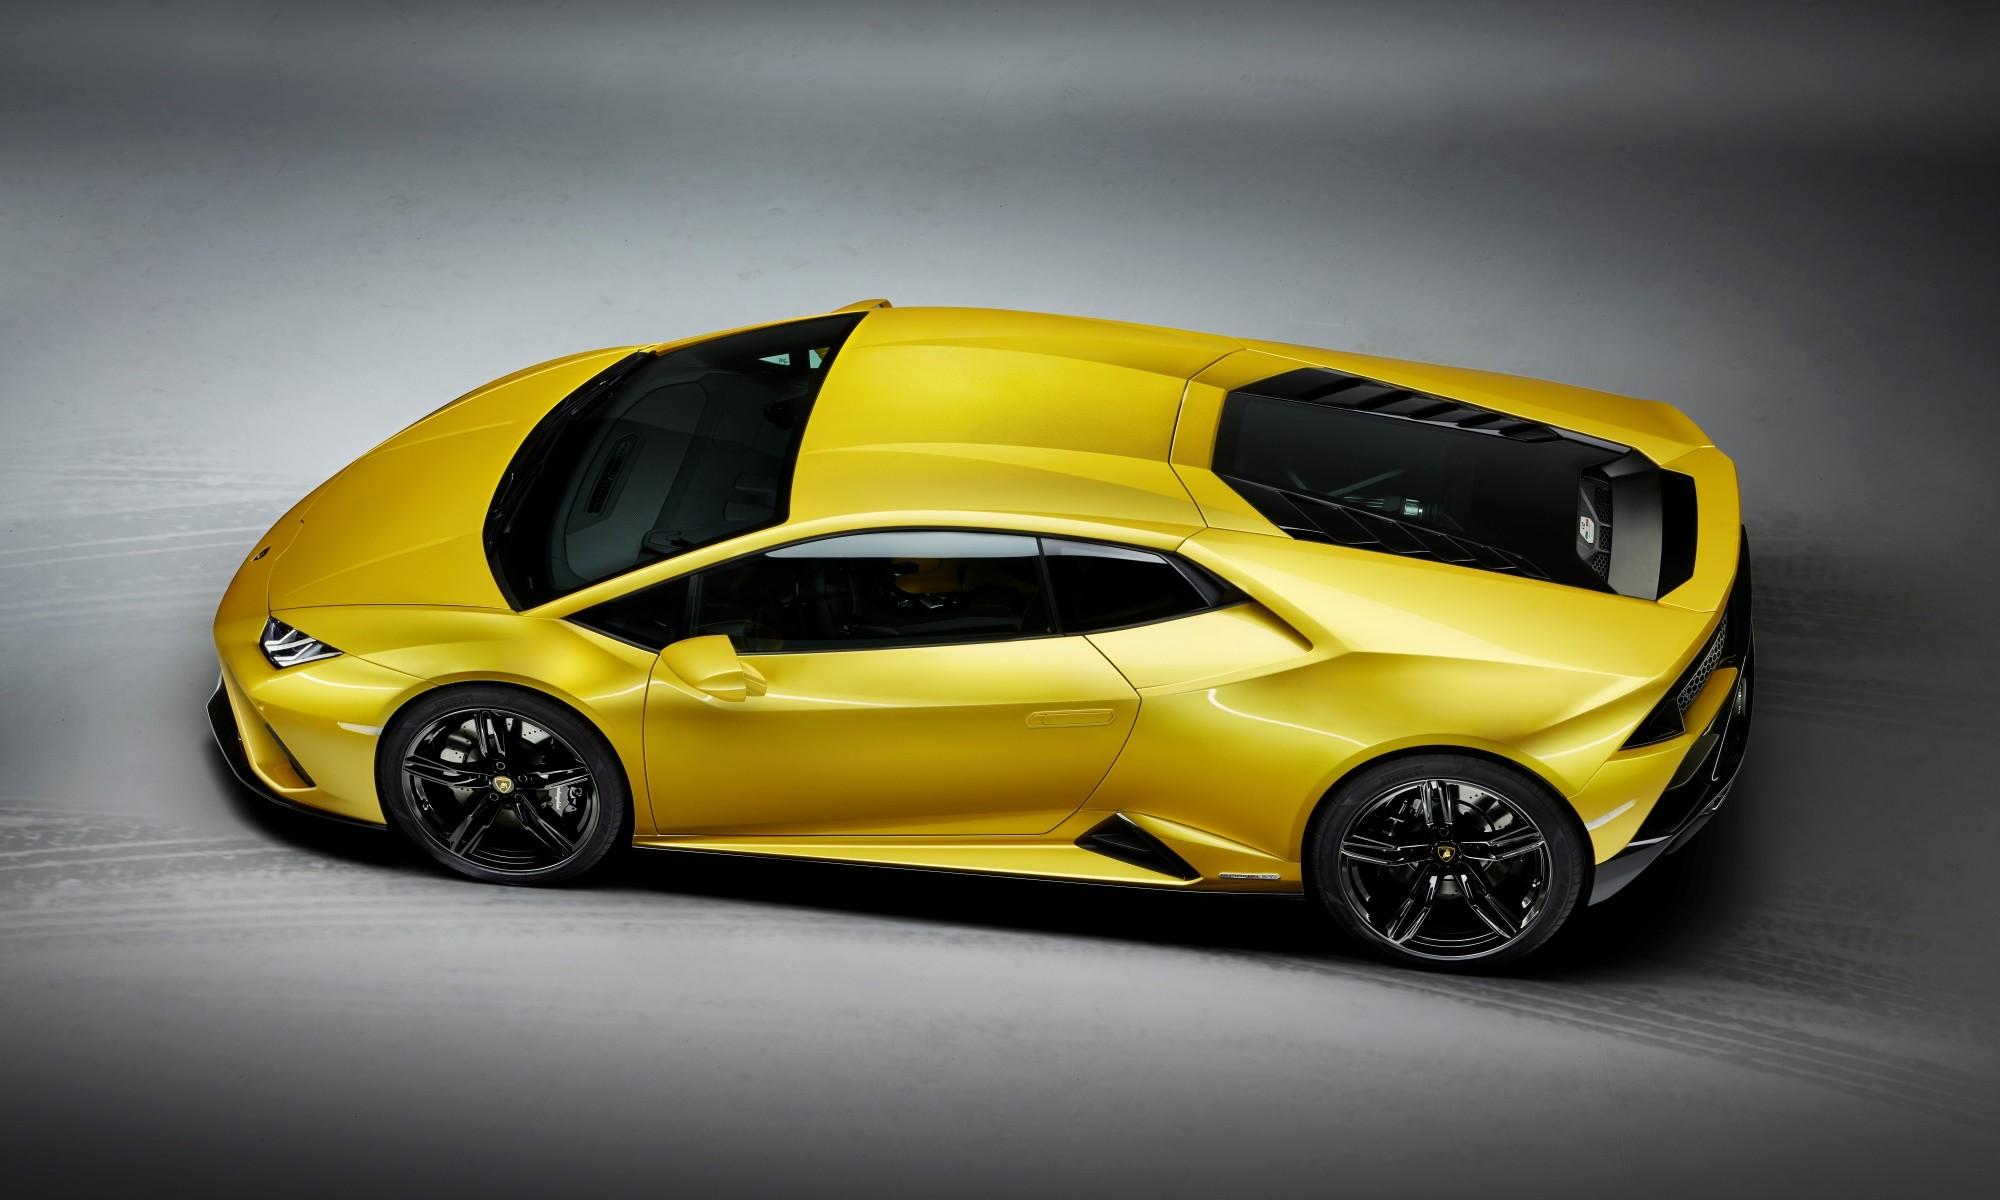 Lamborghini Huracan Evo RWD overhead